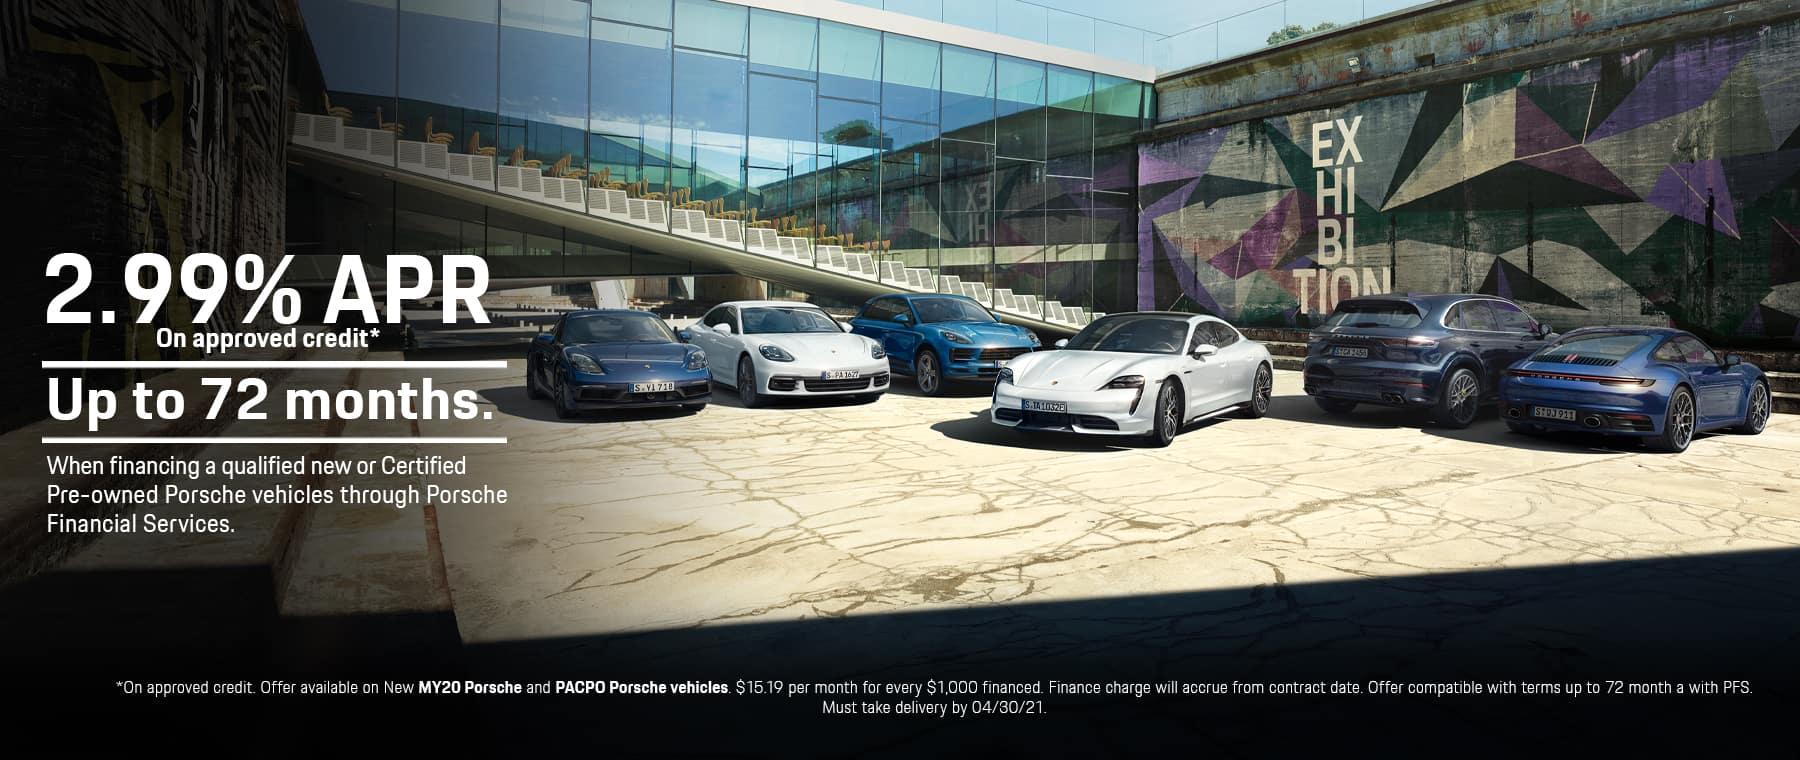 Porsche_PFS-2.99%_1800x760_homeslide_APR21